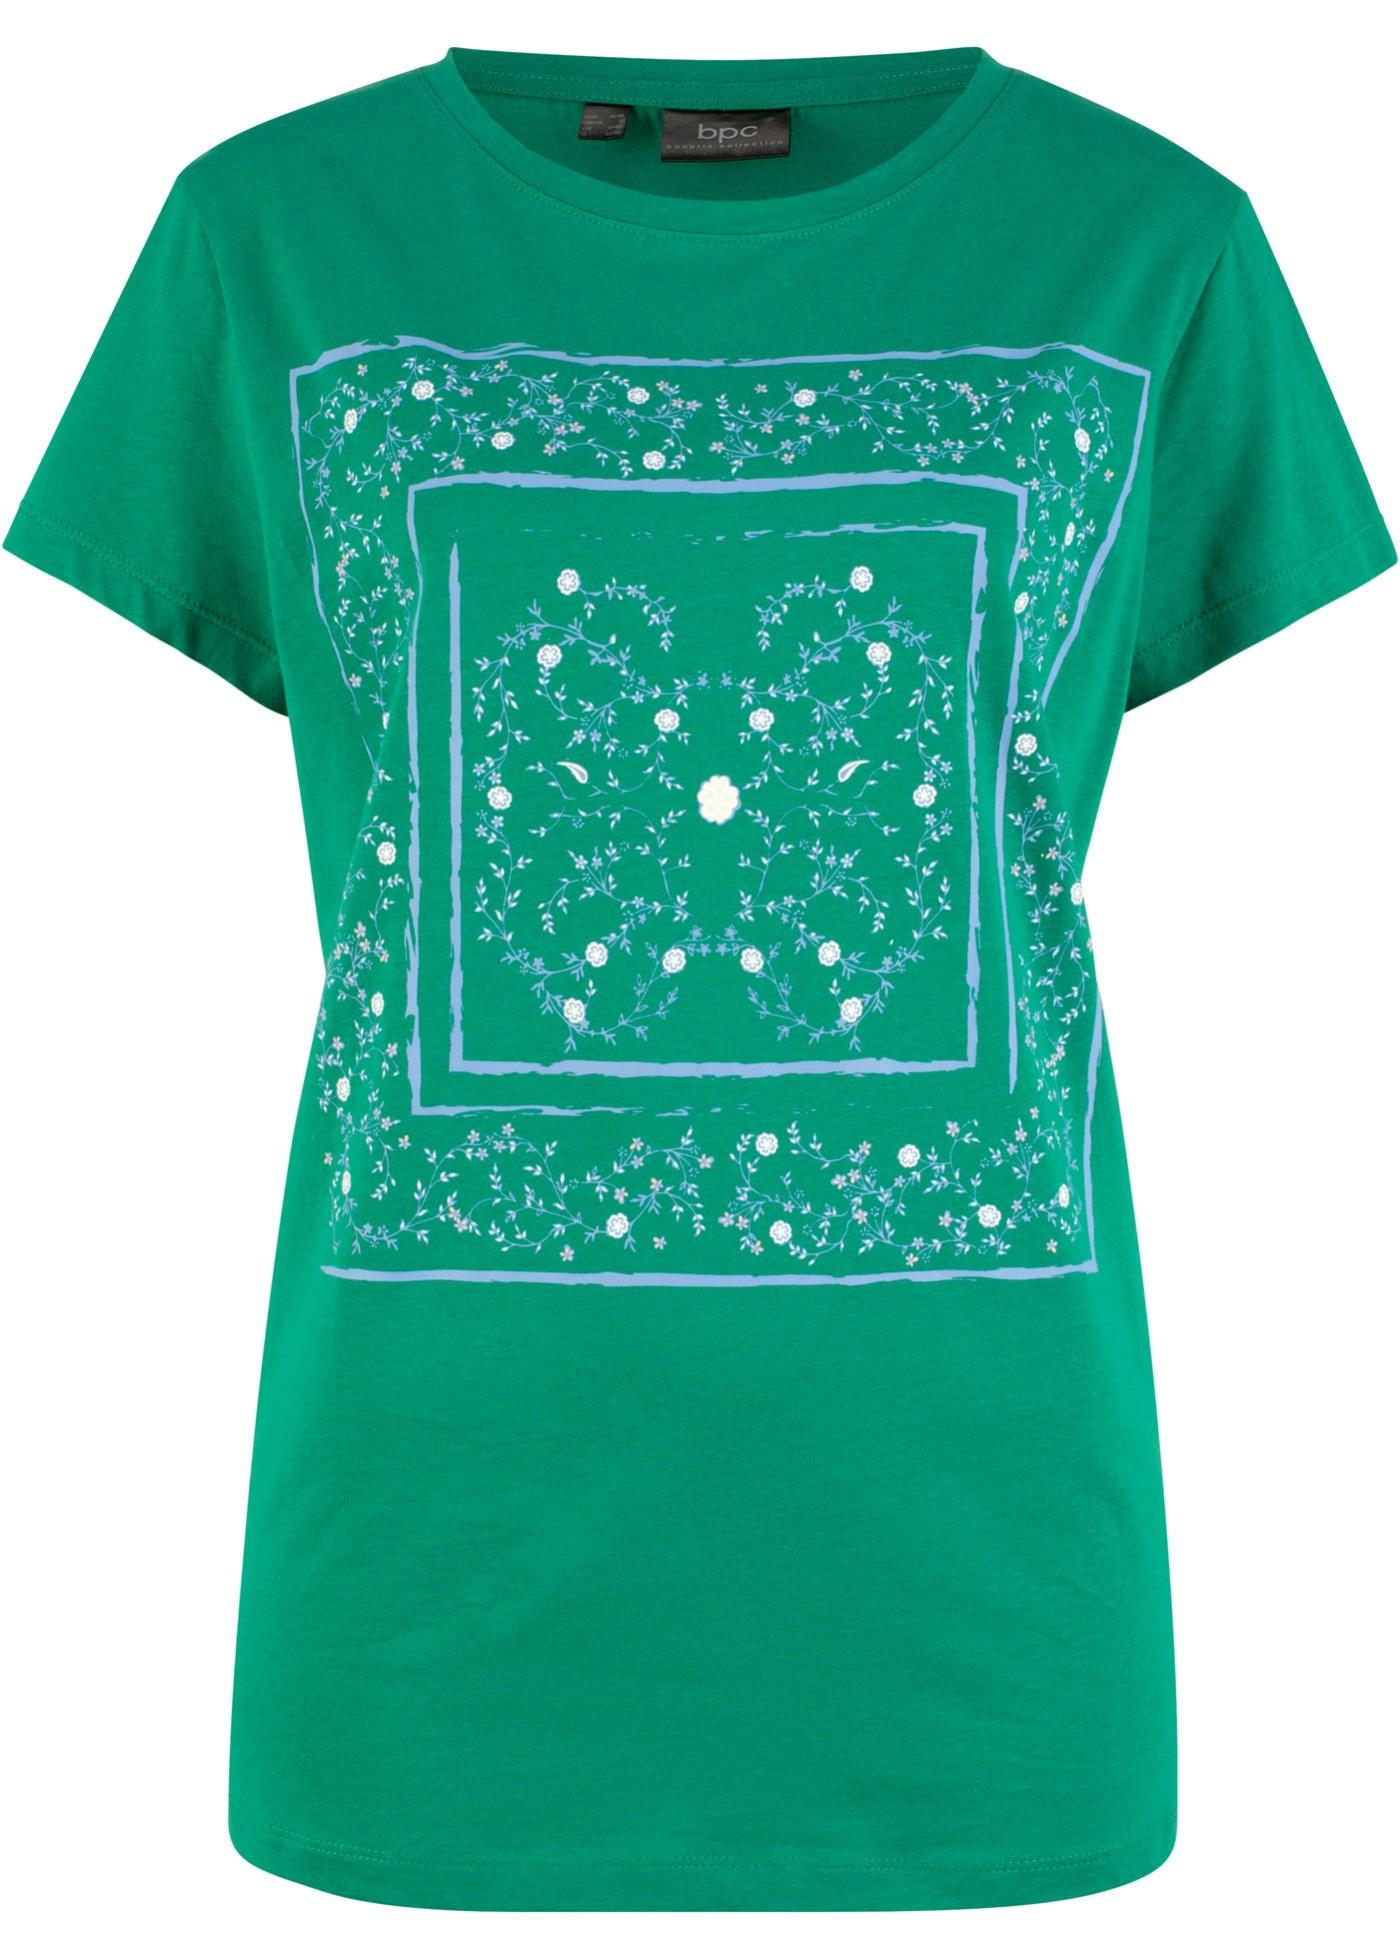 CollectionT Imprimé Bpc manches Vert Femme shirt Pour À Bonprix Mi TcFJlK1